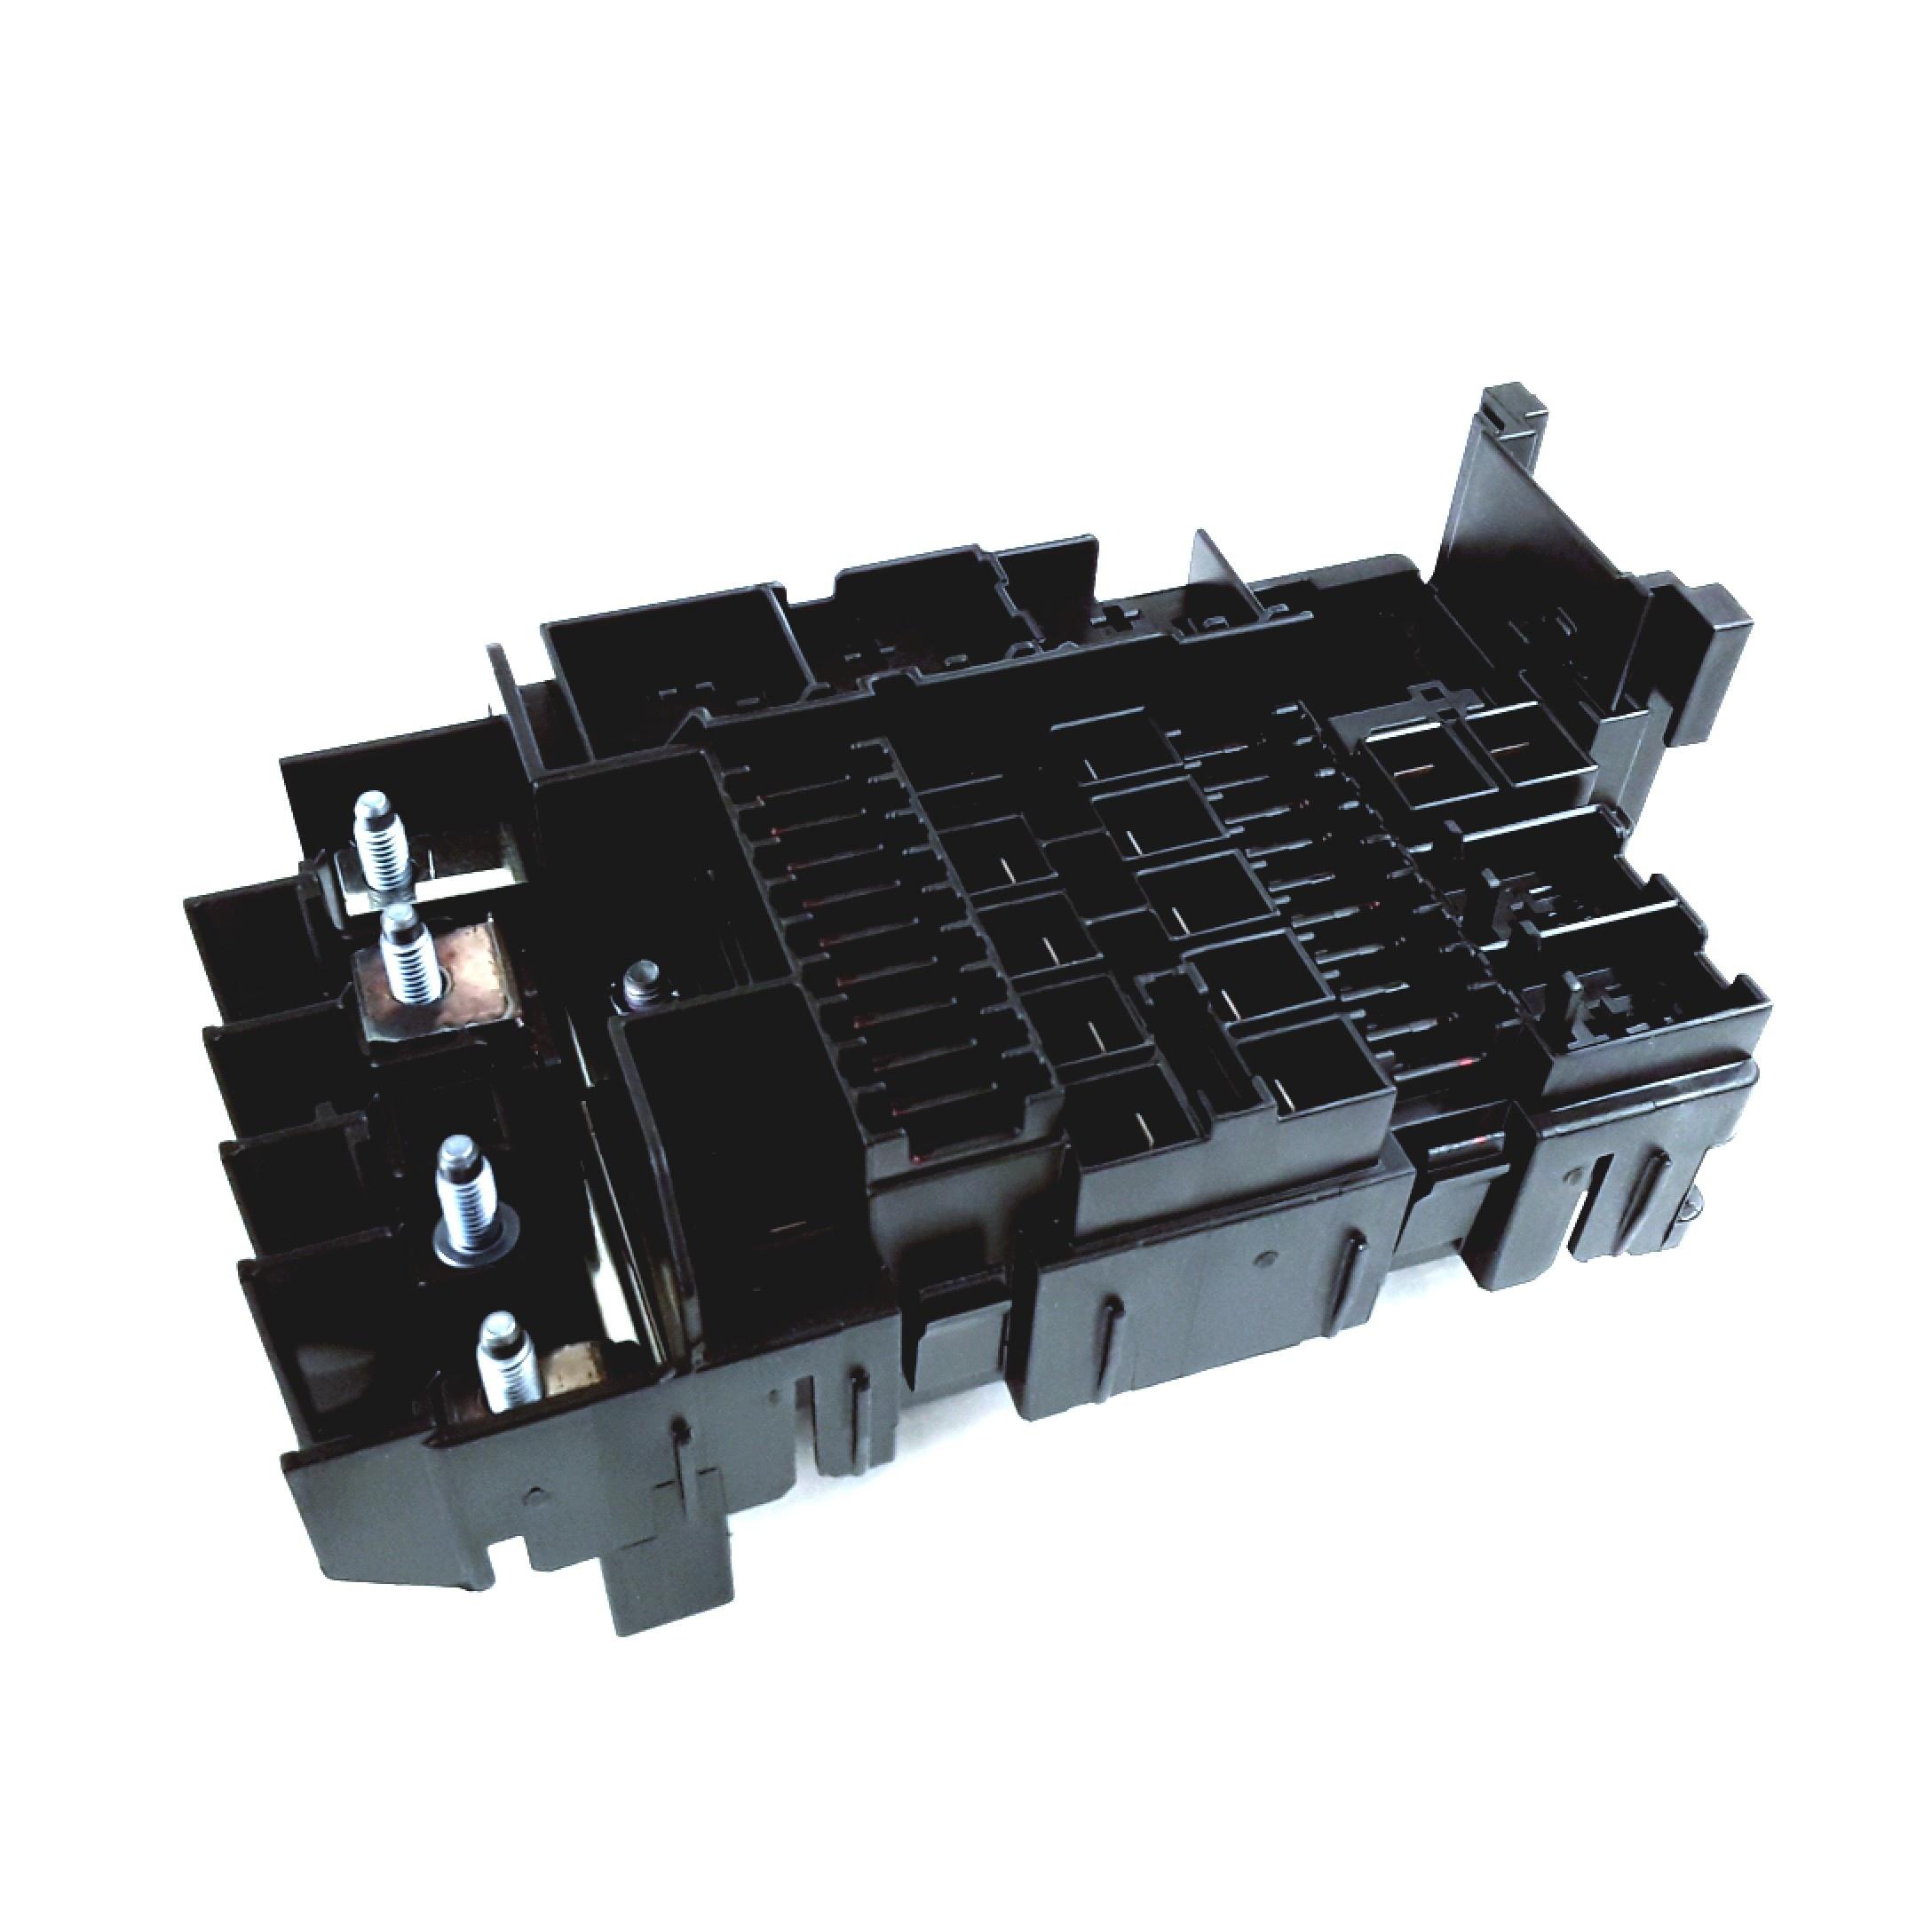 2014 volkswagen jetta gli fuse relay plate box and. Black Bedroom Furniture Sets. Home Design Ideas